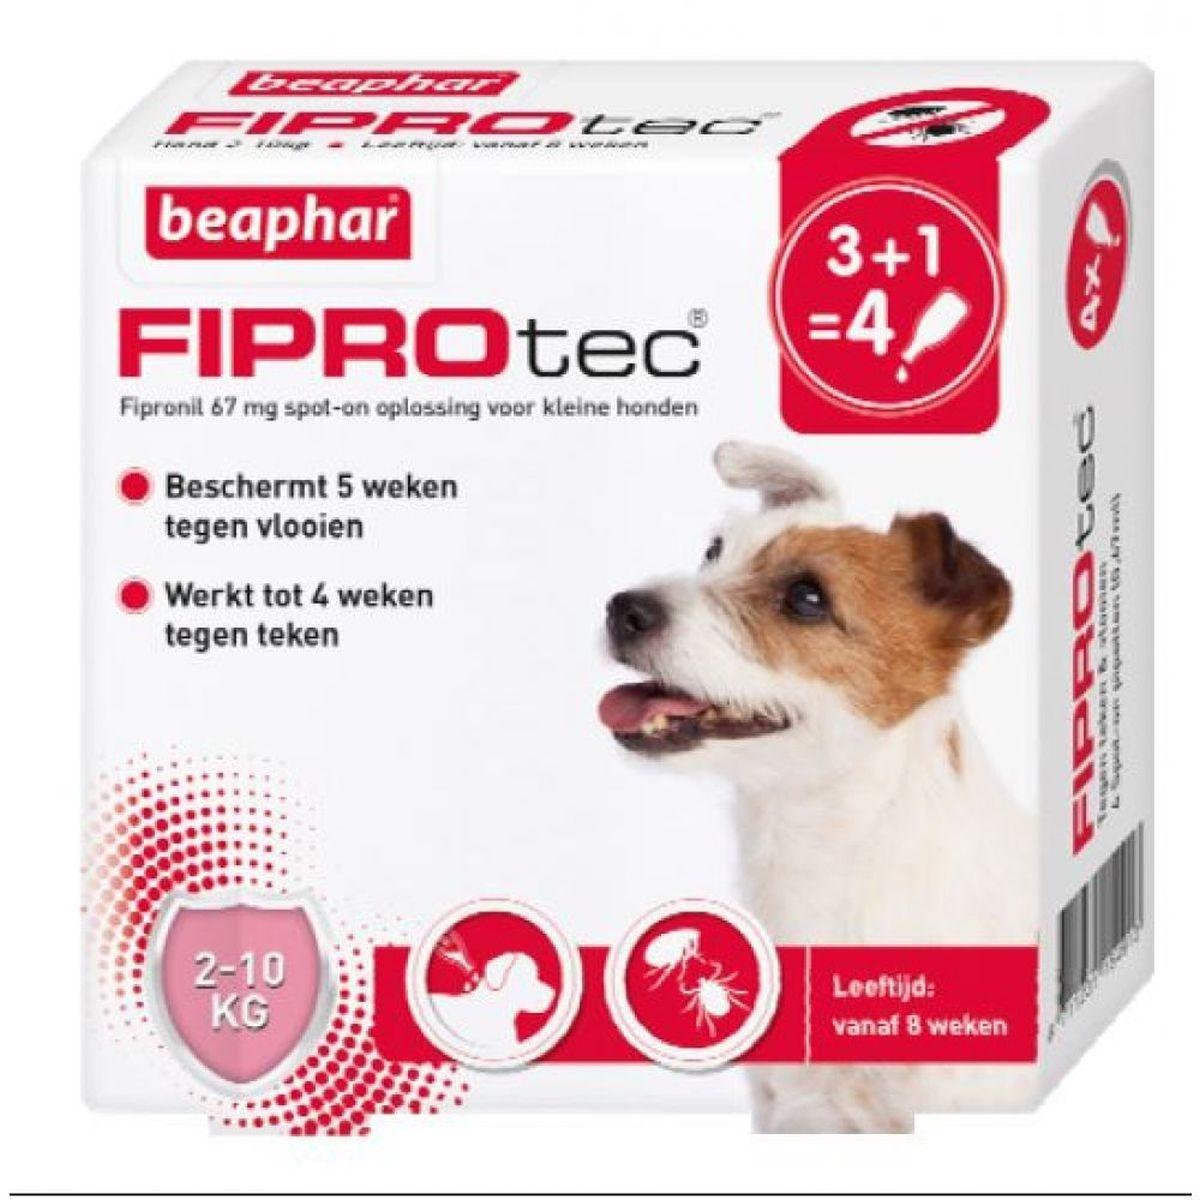 Beaphar BEAPHAR - FIPROTEC 3 PIPET 2-10 KG